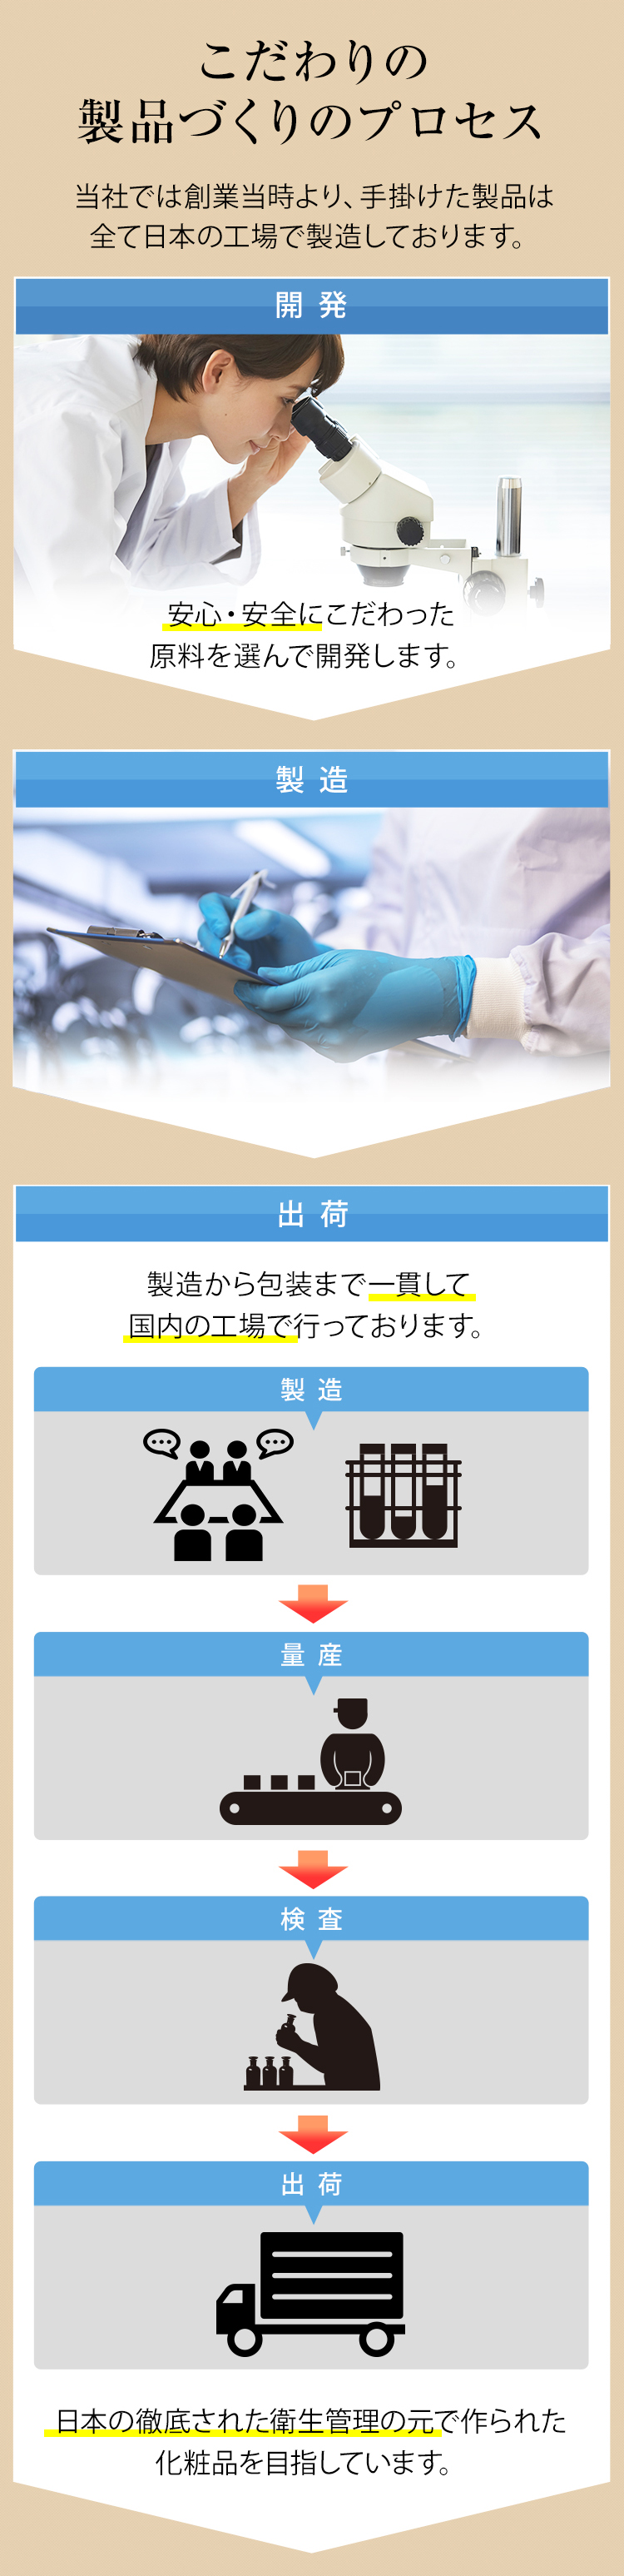 こだわりの製品づくりのプロセス当社では創業当時より、手掛けた製品は全て日本の工場で製造しております。